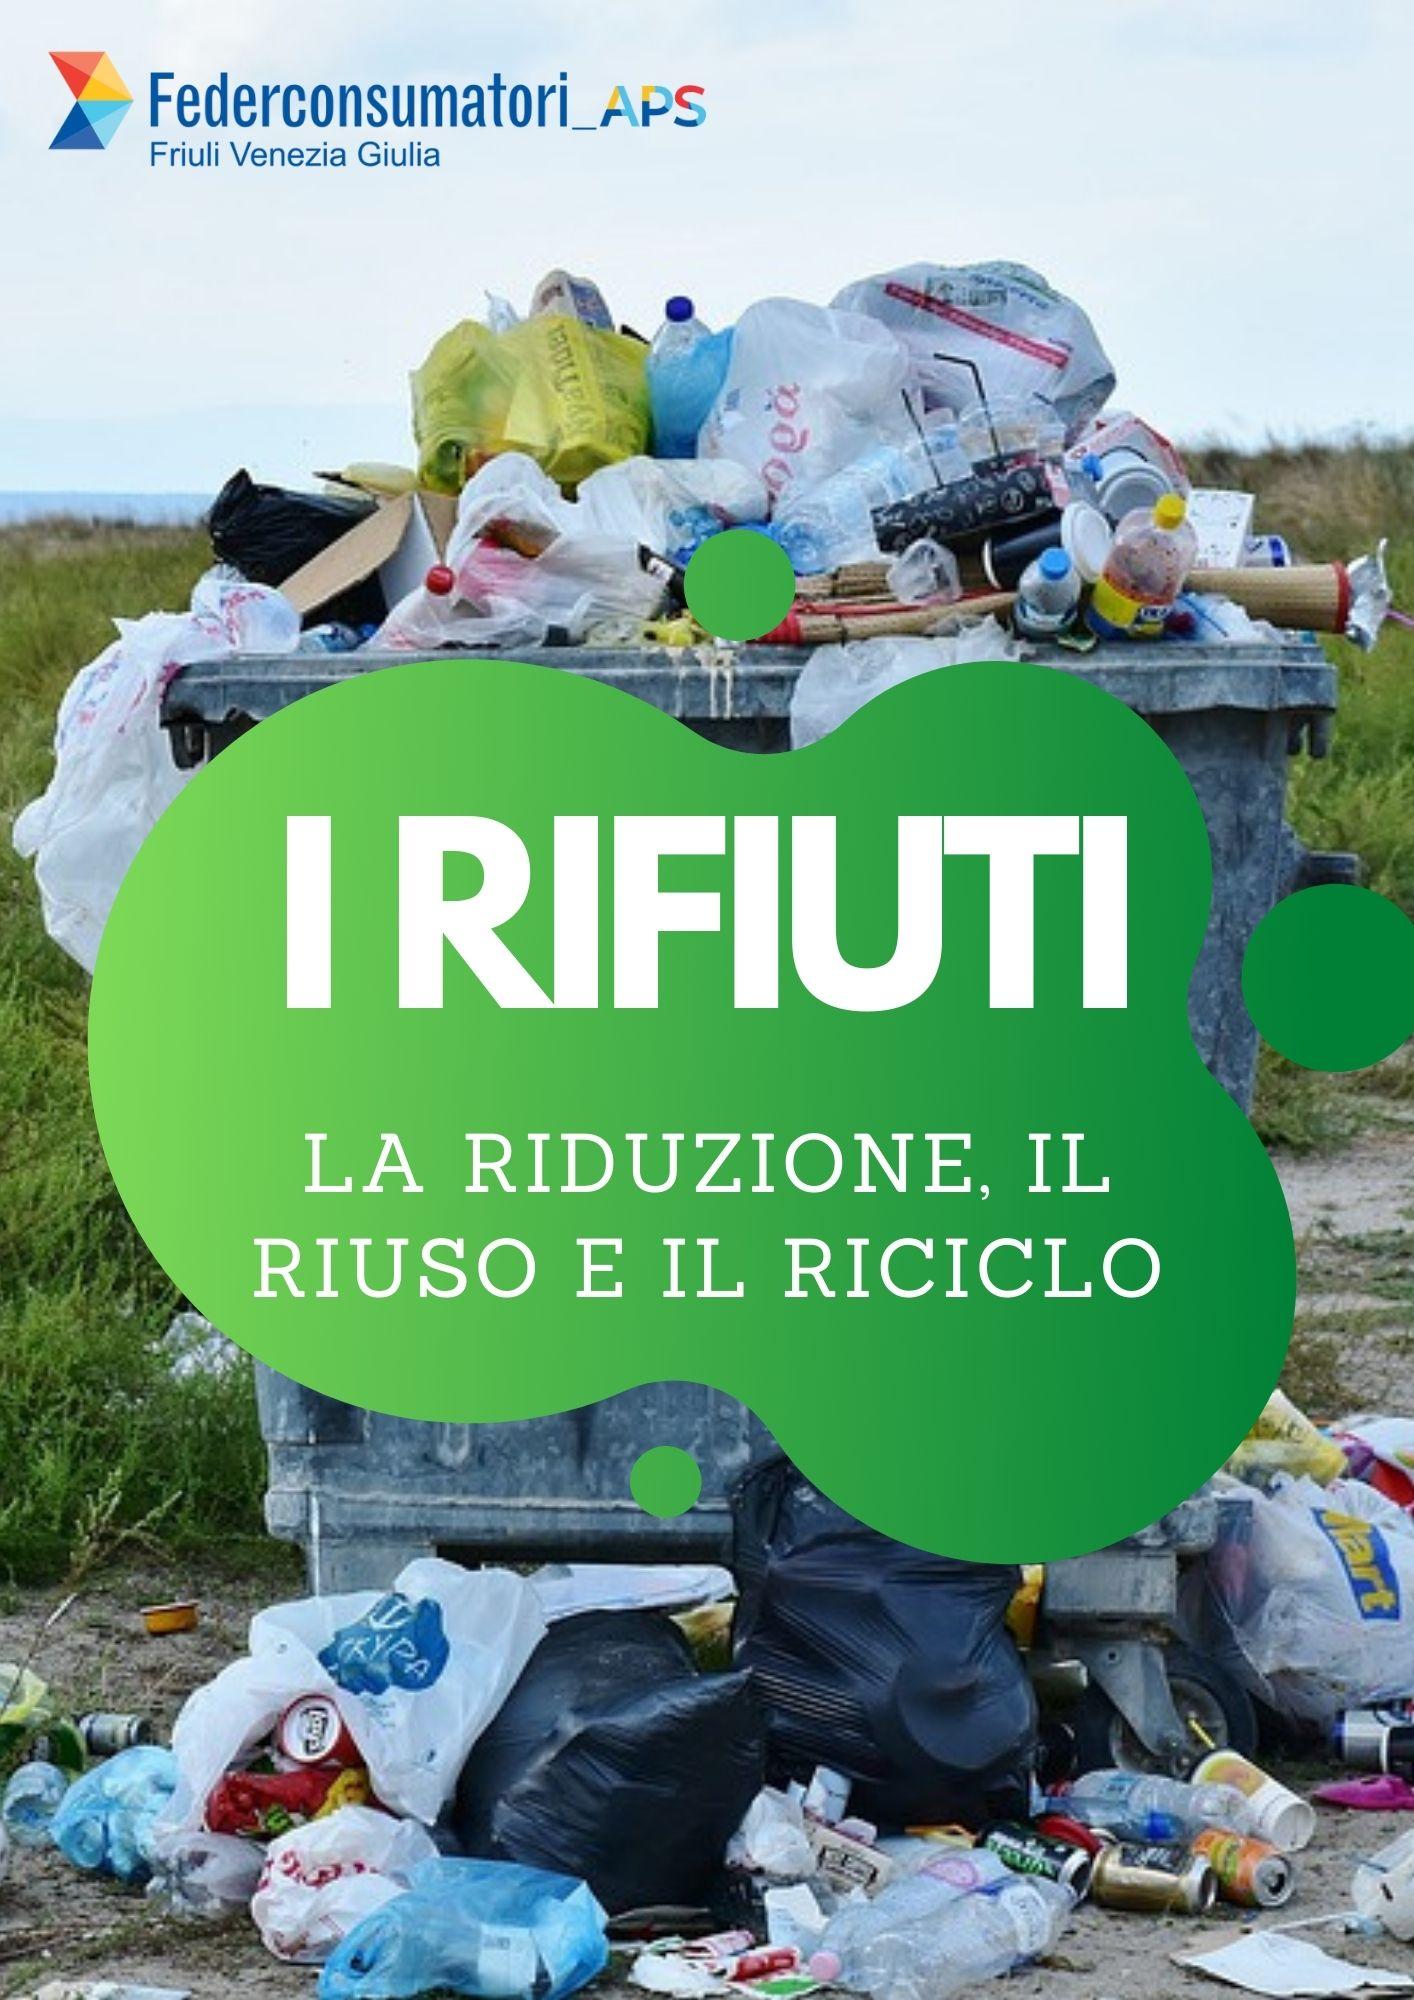 Rifiuti riduzione riciclo riuso